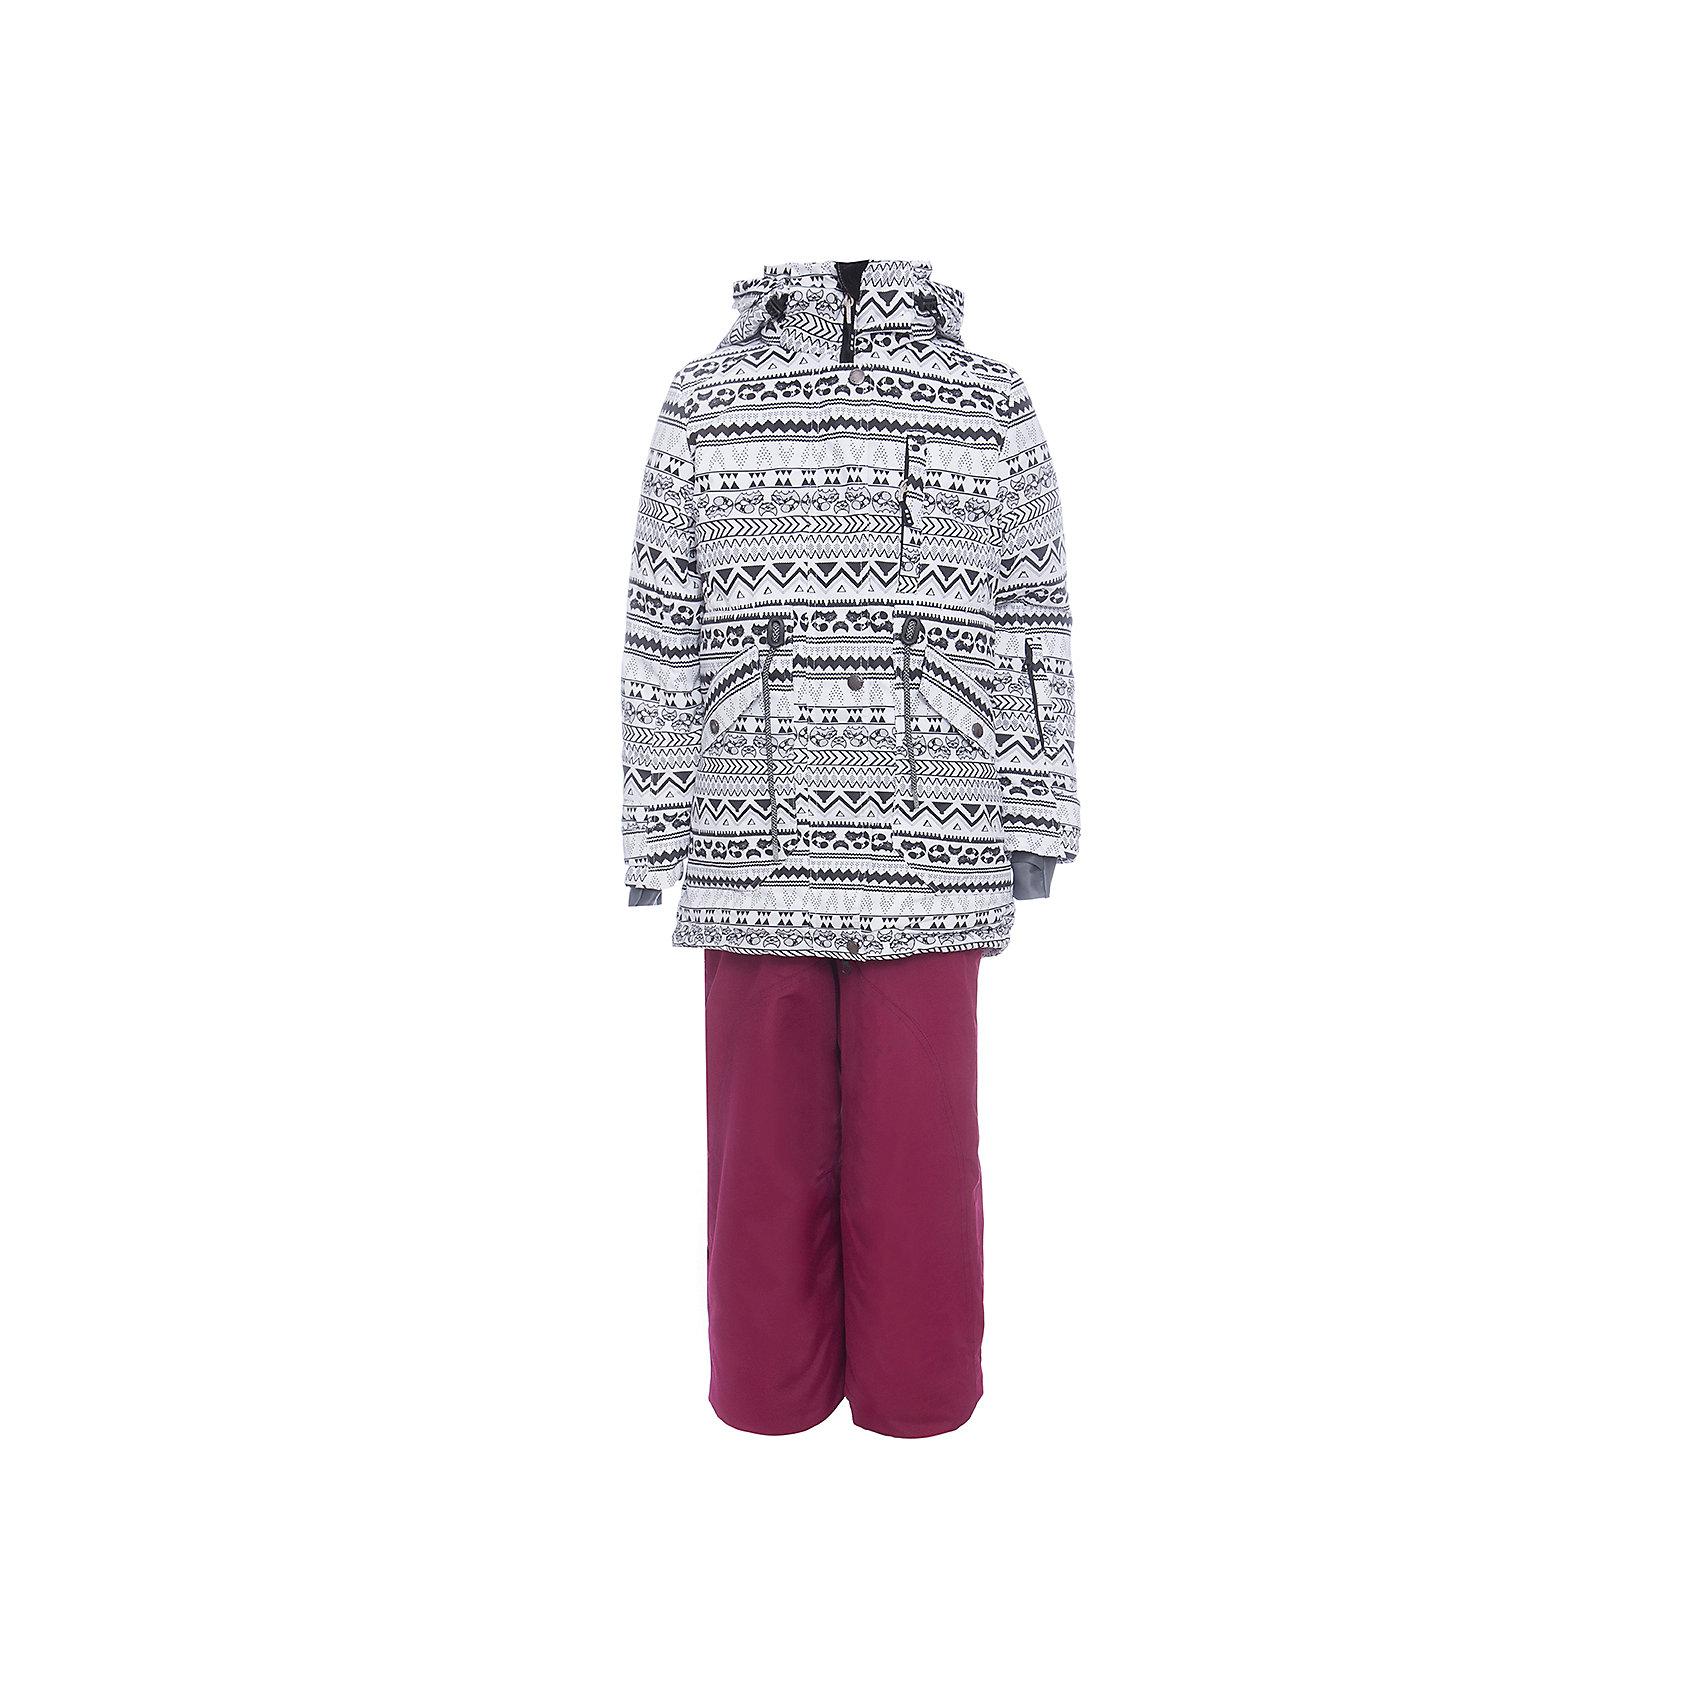 Комплект: куртка и полукомбенизон наушниками Batik для девочкиВерхняя одежда<br>Комплект: куртка и полукомбенизон наушниками Batik для девочки <br>Верхняя ткань обладает водоотталкивающими и ветрозащитными свойствами мембраны. Куртка на молнии с ветрозащитной планкой и юбкой внутри, кулиской на талии и капюшоном на молнии. Полукомбинезон с отстегивающимися лямками.<br>Состав:<br>Ткань верха - POLY 051 LAMINATION;  Утеплитель - Слайтекс 250;  Подкладка - Полар флис;<br><br>Ширина мм: 356<br>Глубина мм: 10<br>Высота мм: 245<br>Вес г: 519<br>Цвет: белый<br>Возраст от месяцев: 156<br>Возраст до месяцев: 168<br>Пол: Женский<br>Возраст: Детский<br>Размер: 164,140,146,152,158<br>SKU: 7028044